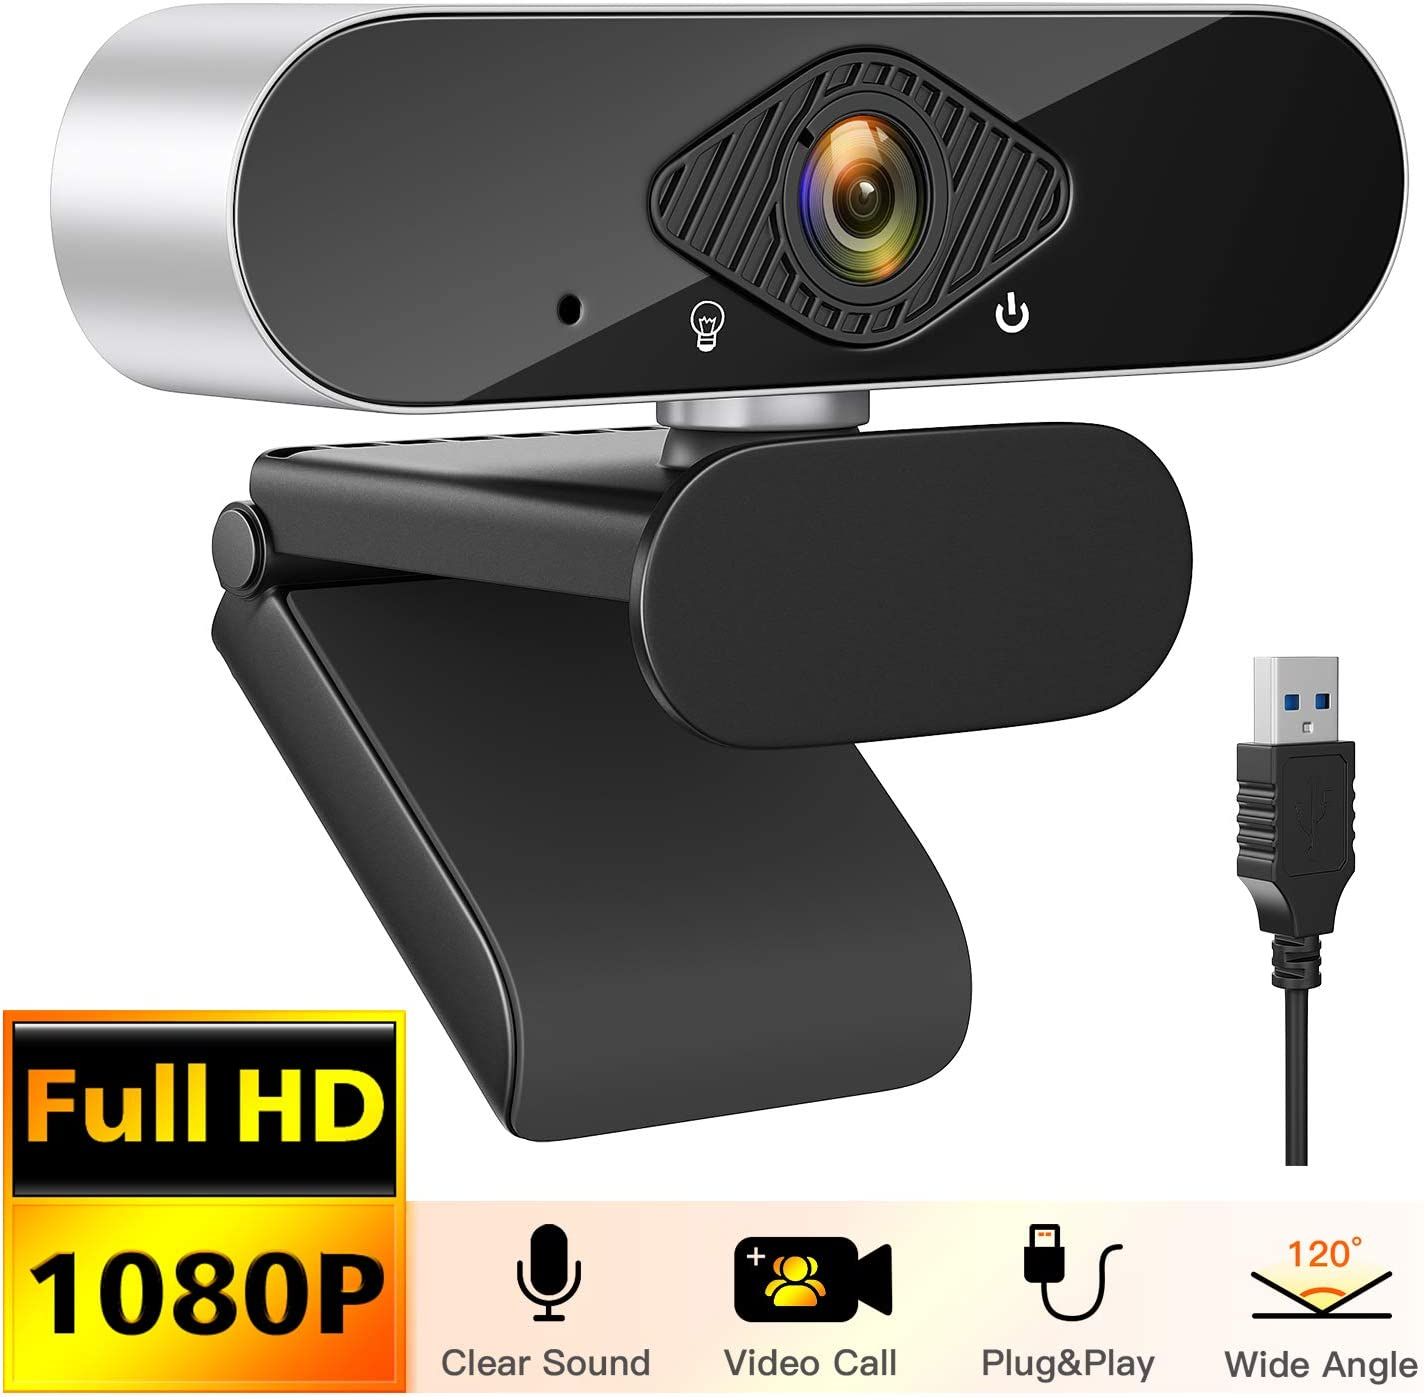 Webcam USB avec Microphone Anti-Bruit Int/égr/é pour Youtube Apprentissage Honmax Webcam 1080P appels vid/éo Skype Mac et Android. Cam/éra Web Compatible avec Windows conf/érence Jeux